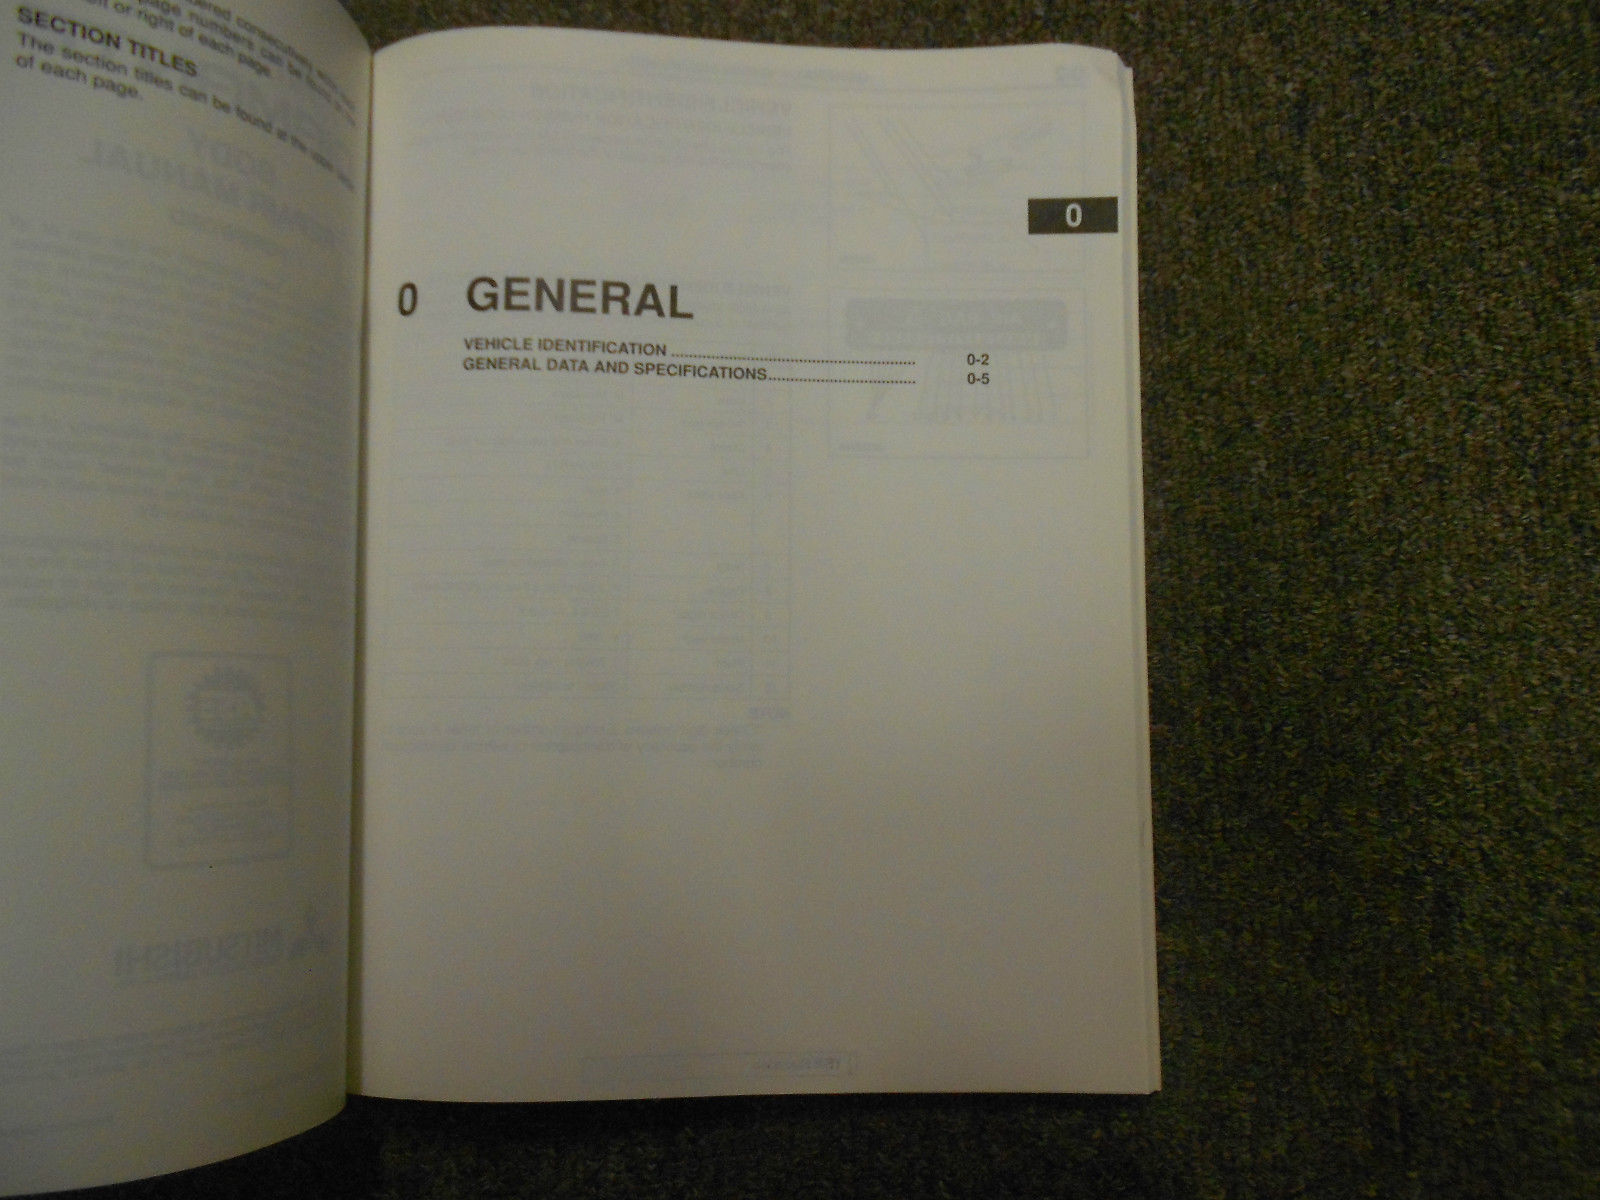 1997 MITSUBISHI Diamante Body Repair Service Shop Manual FACTORY OEM BOOK 97